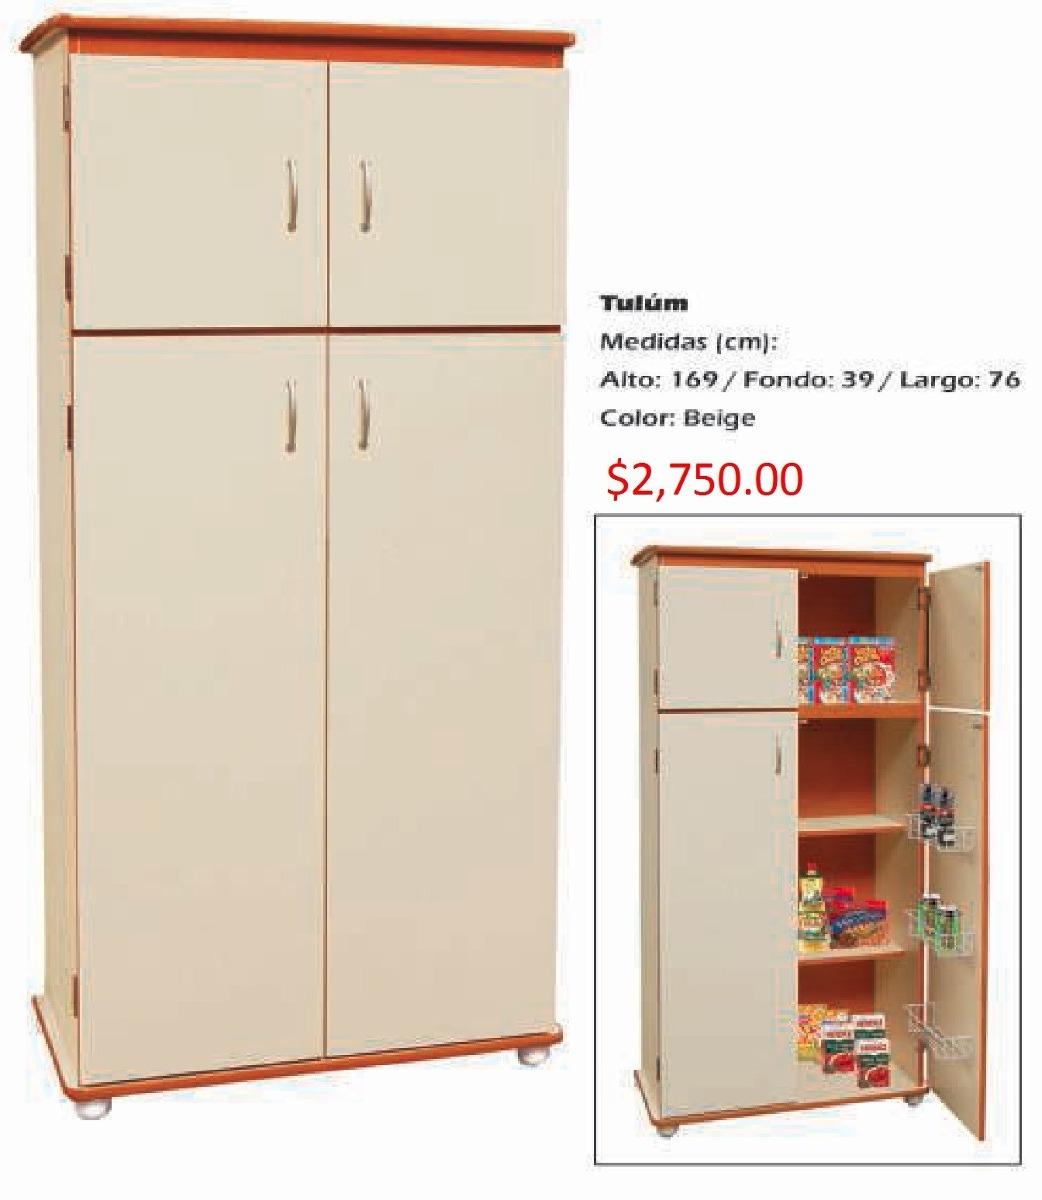 Mueble Para Cocina Modelo Tulum - $ 2,750.00 en Mercado Libre